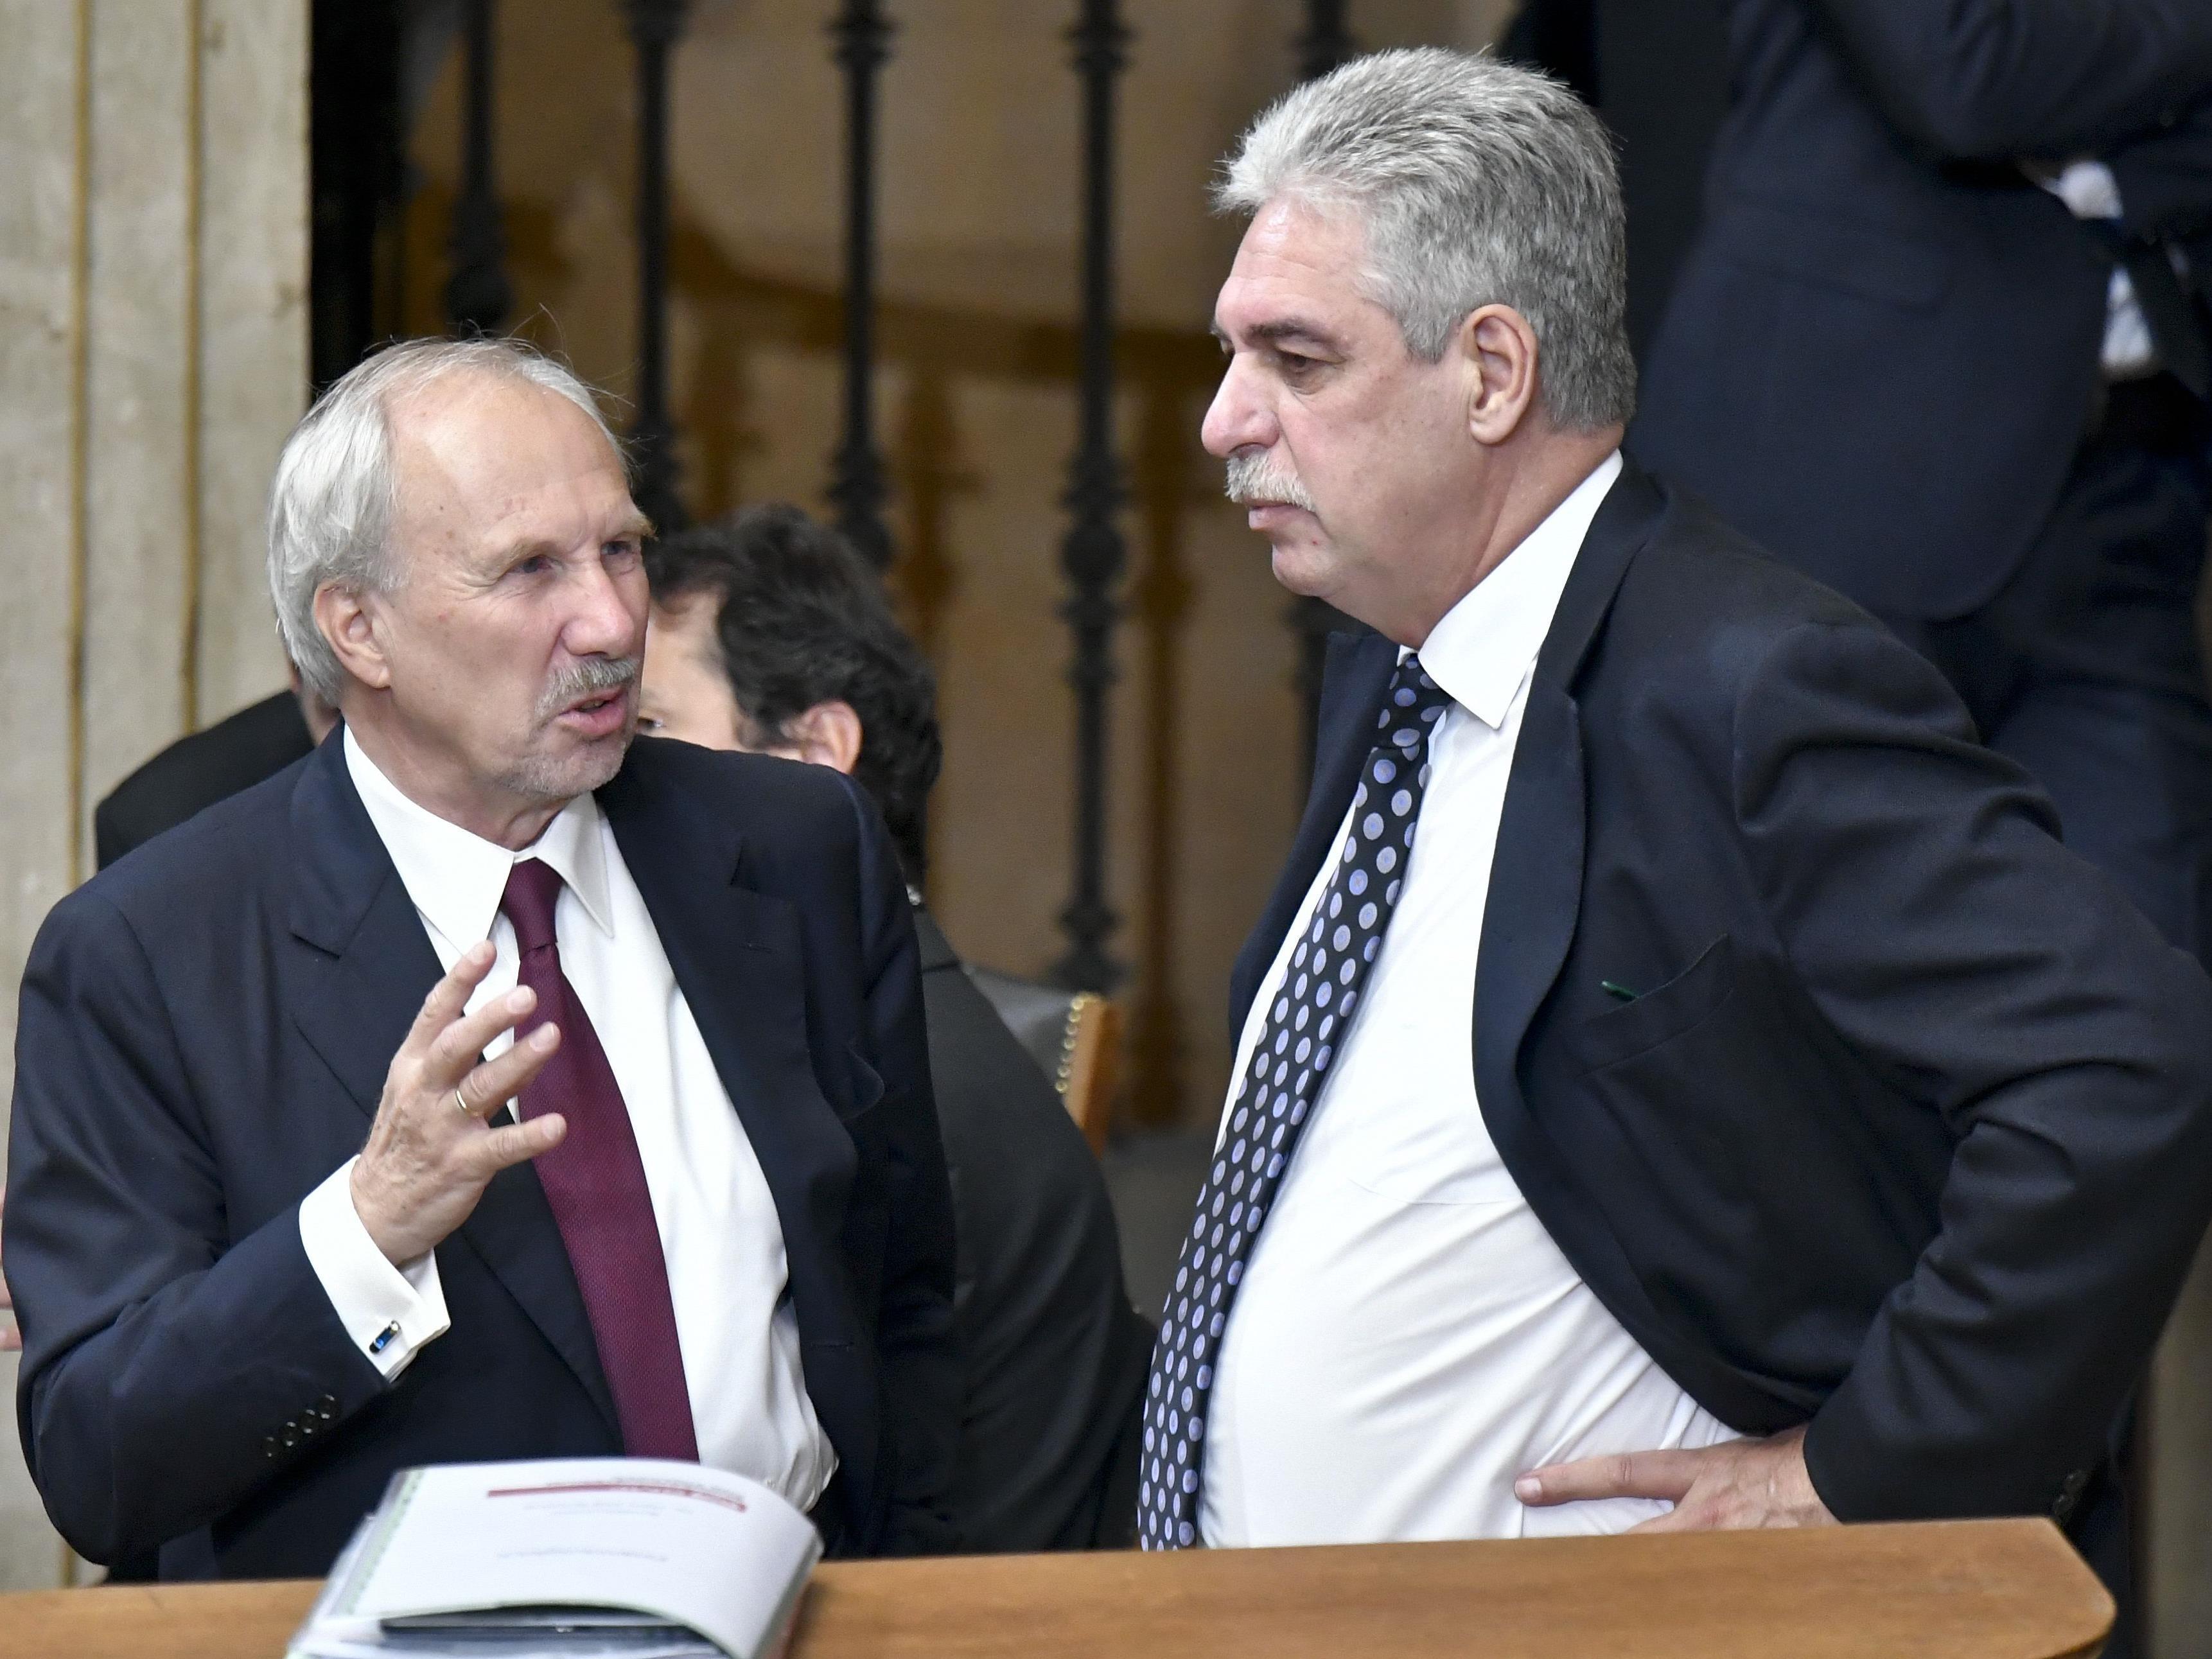 Finanzminister und Österreichs Nationalbankchef vor Ort zu Besuch.